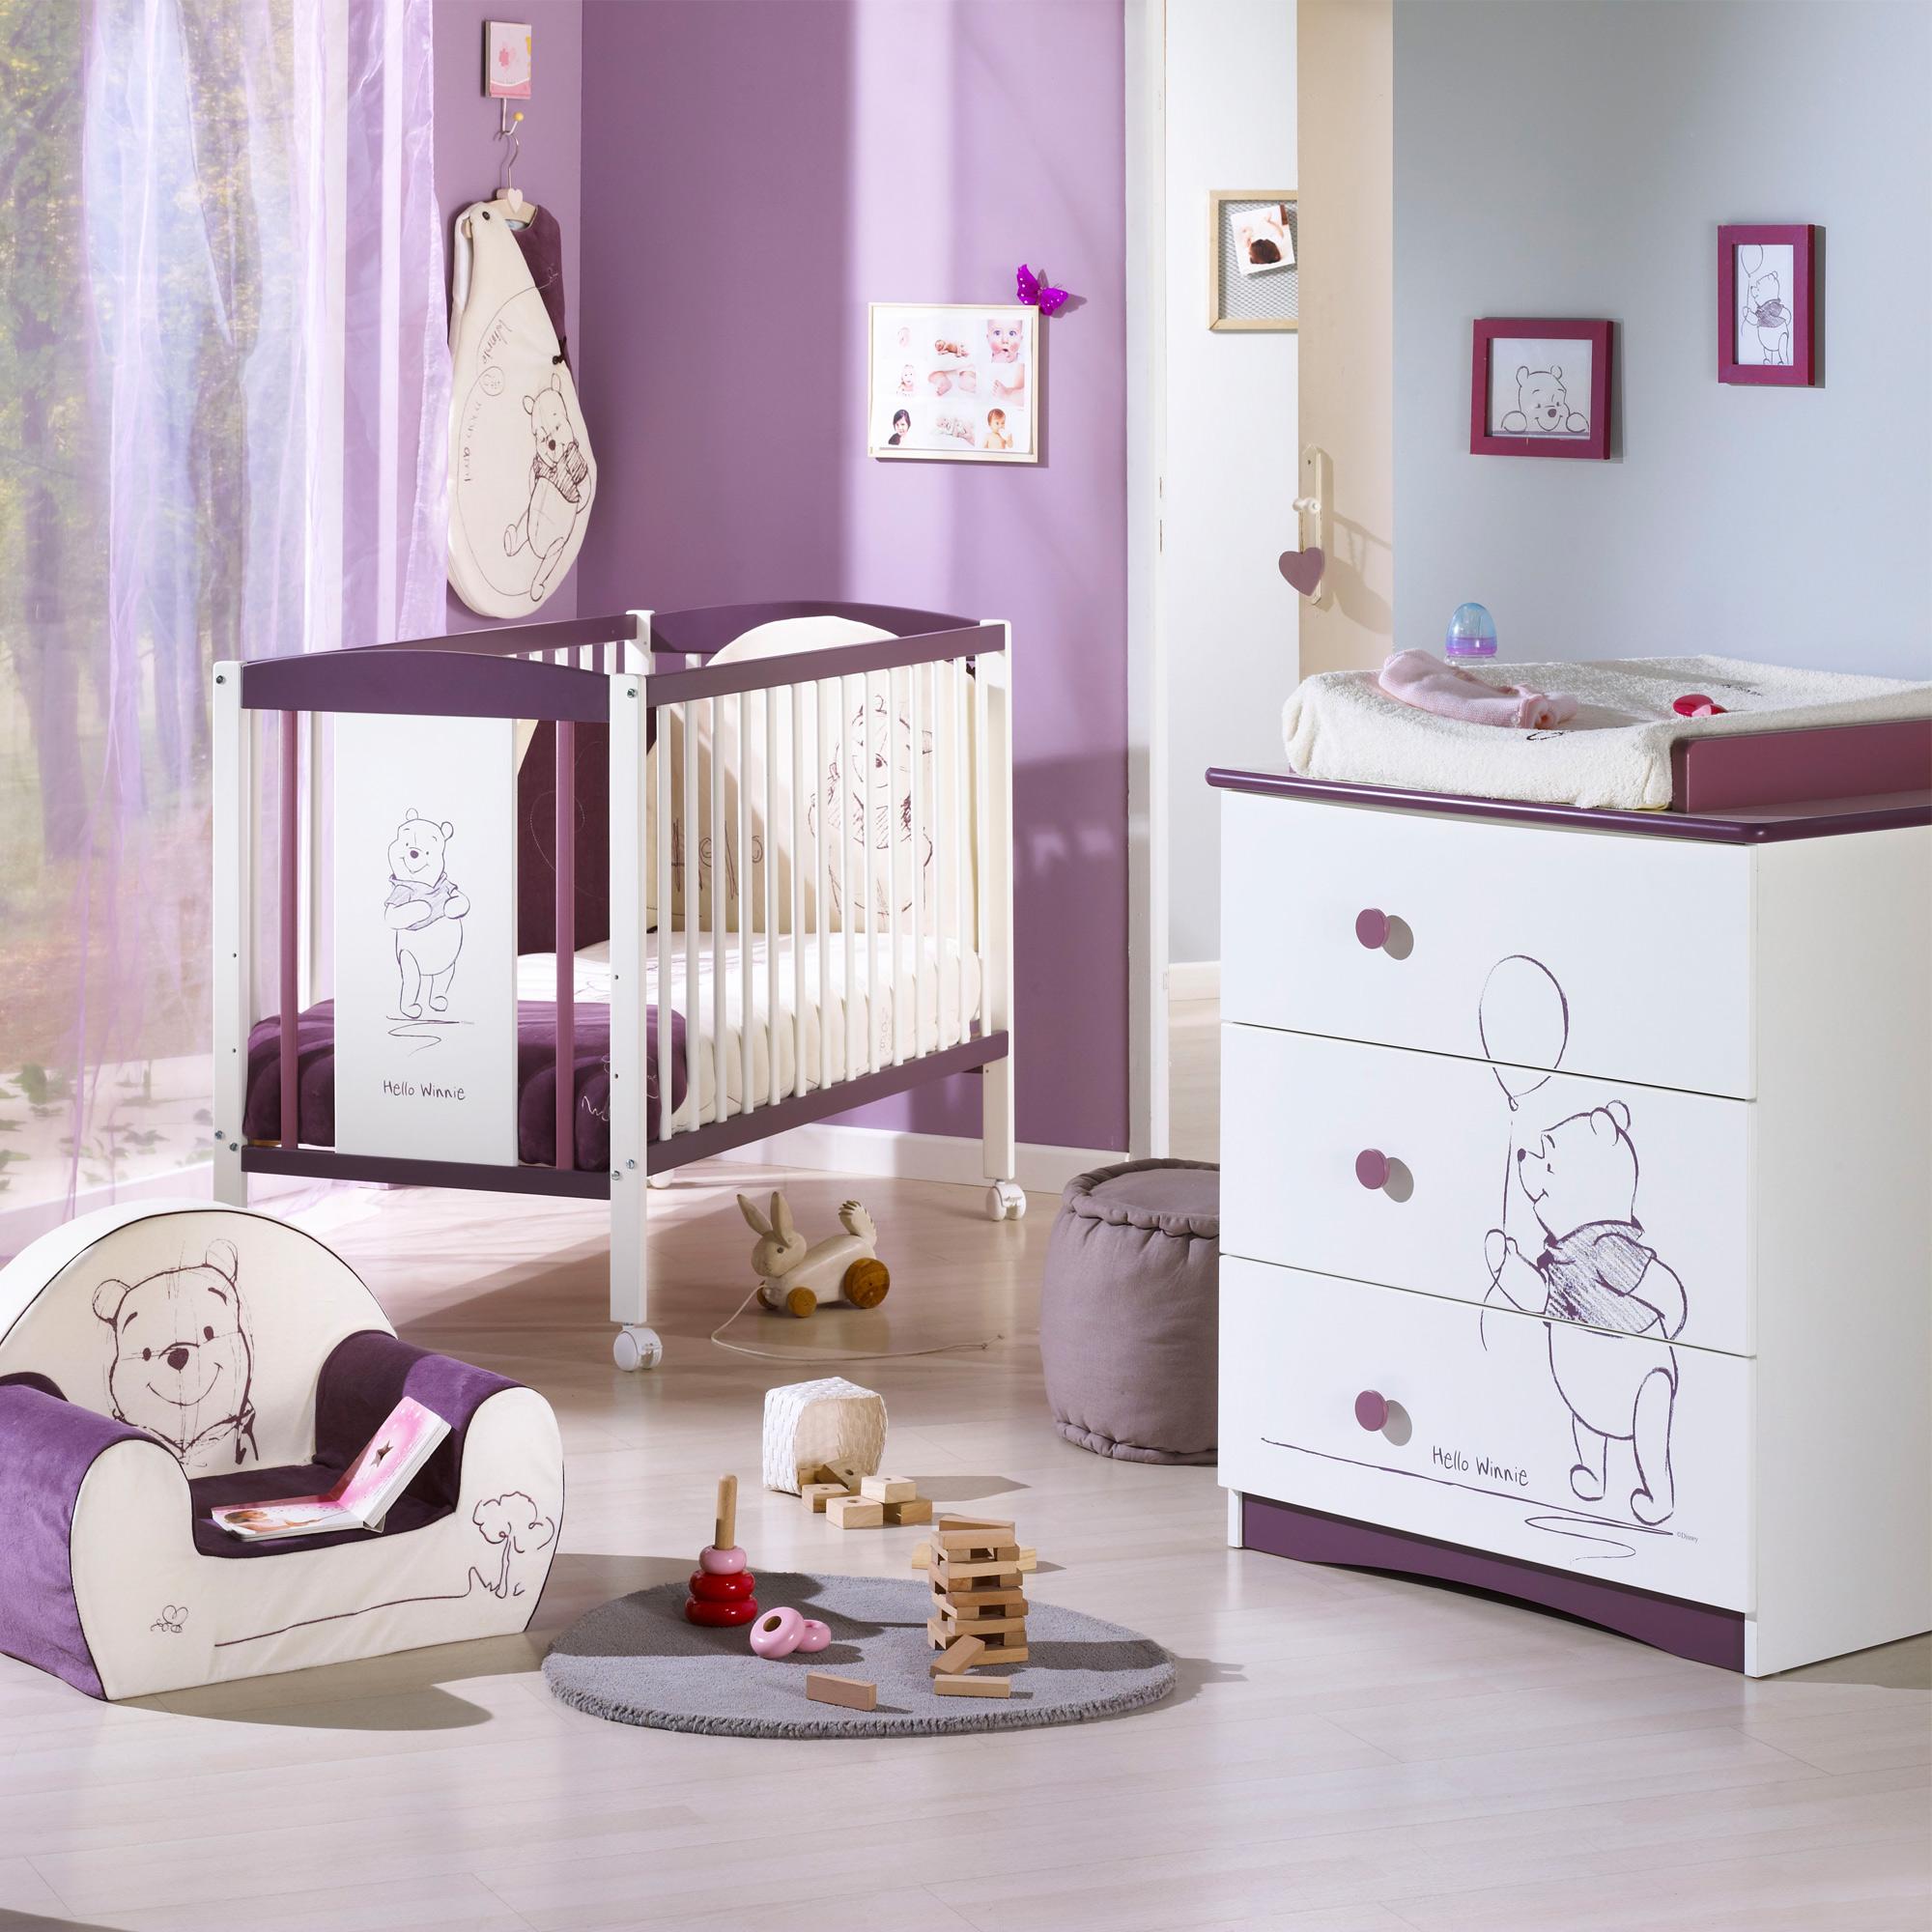 fb85a06cf5784 Thème chambre bébé fille aubert - Idées de tricot gratuit